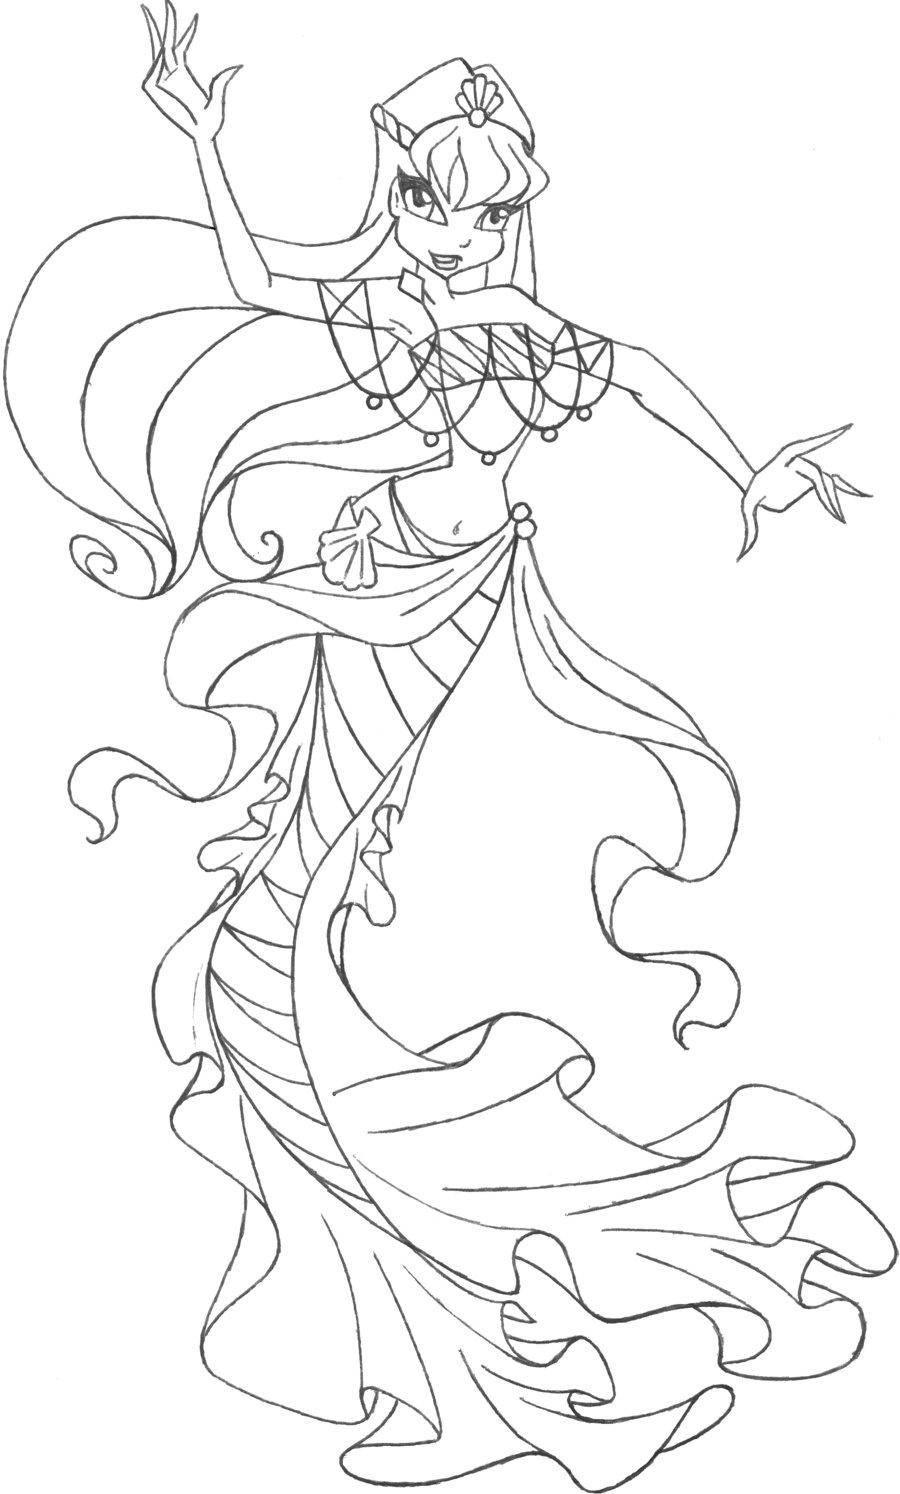 раскраски для девочек по мультфильму винкс